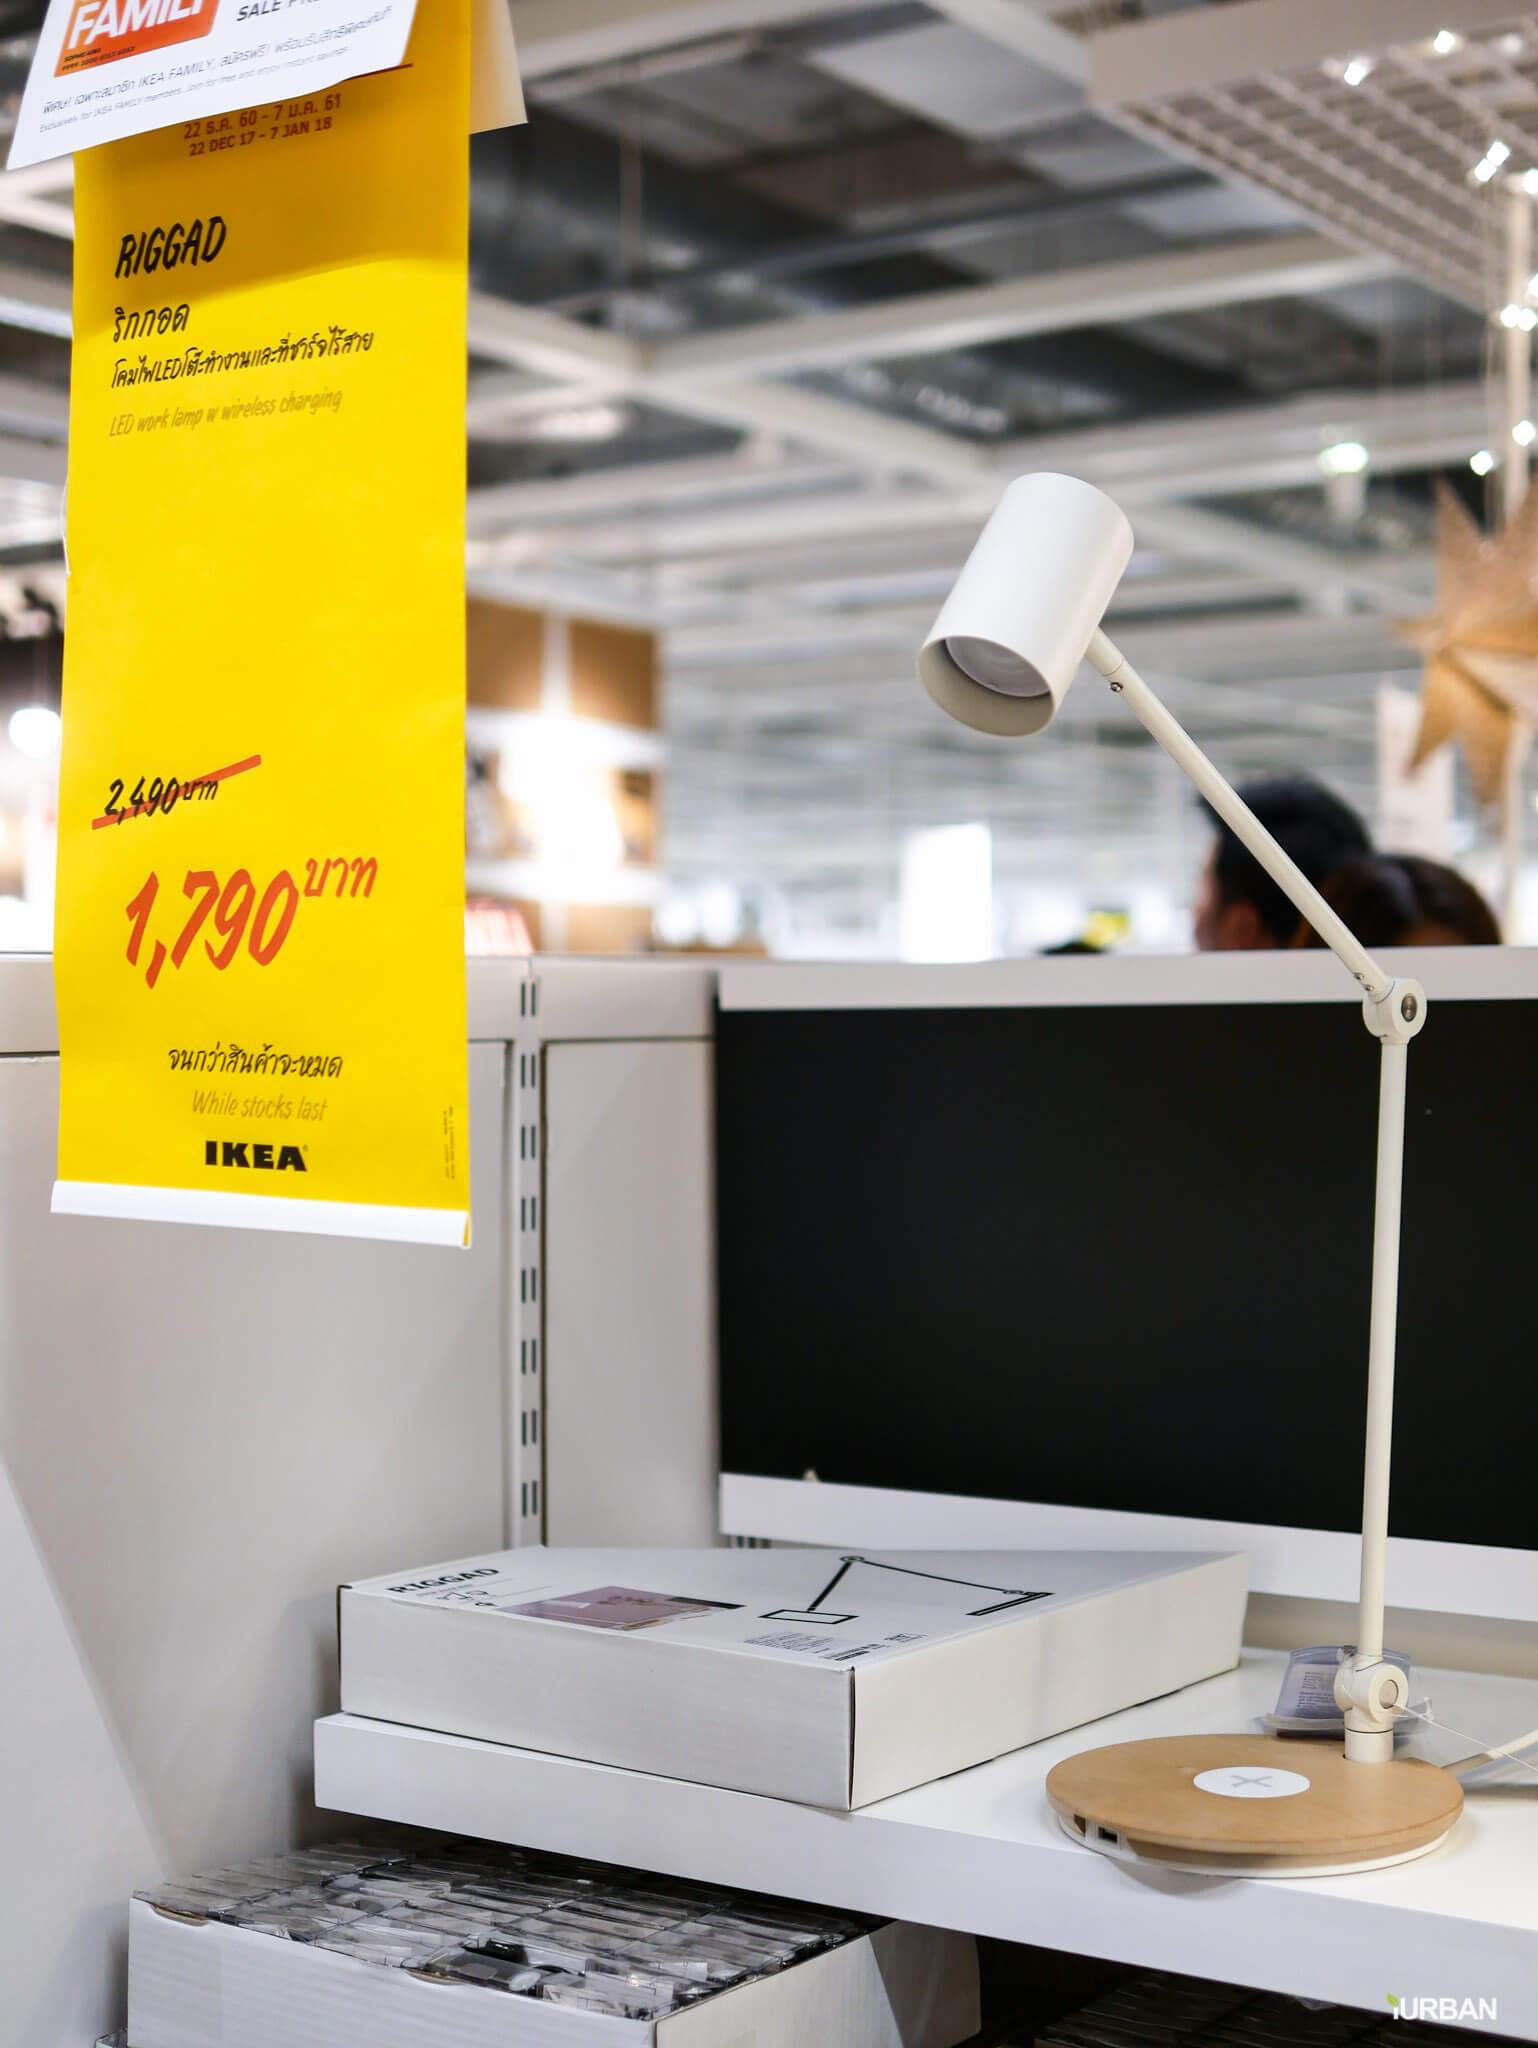 มันเยอะมากกกก!! IKEA Year End SALE 2017 รวมของเซลในอิเกีย ลดเยอะ ลดแหลก รีบพุ่งตัวไป วันนี้ - 7 มกราคม 61 186 - IKEA (อิเกีย)